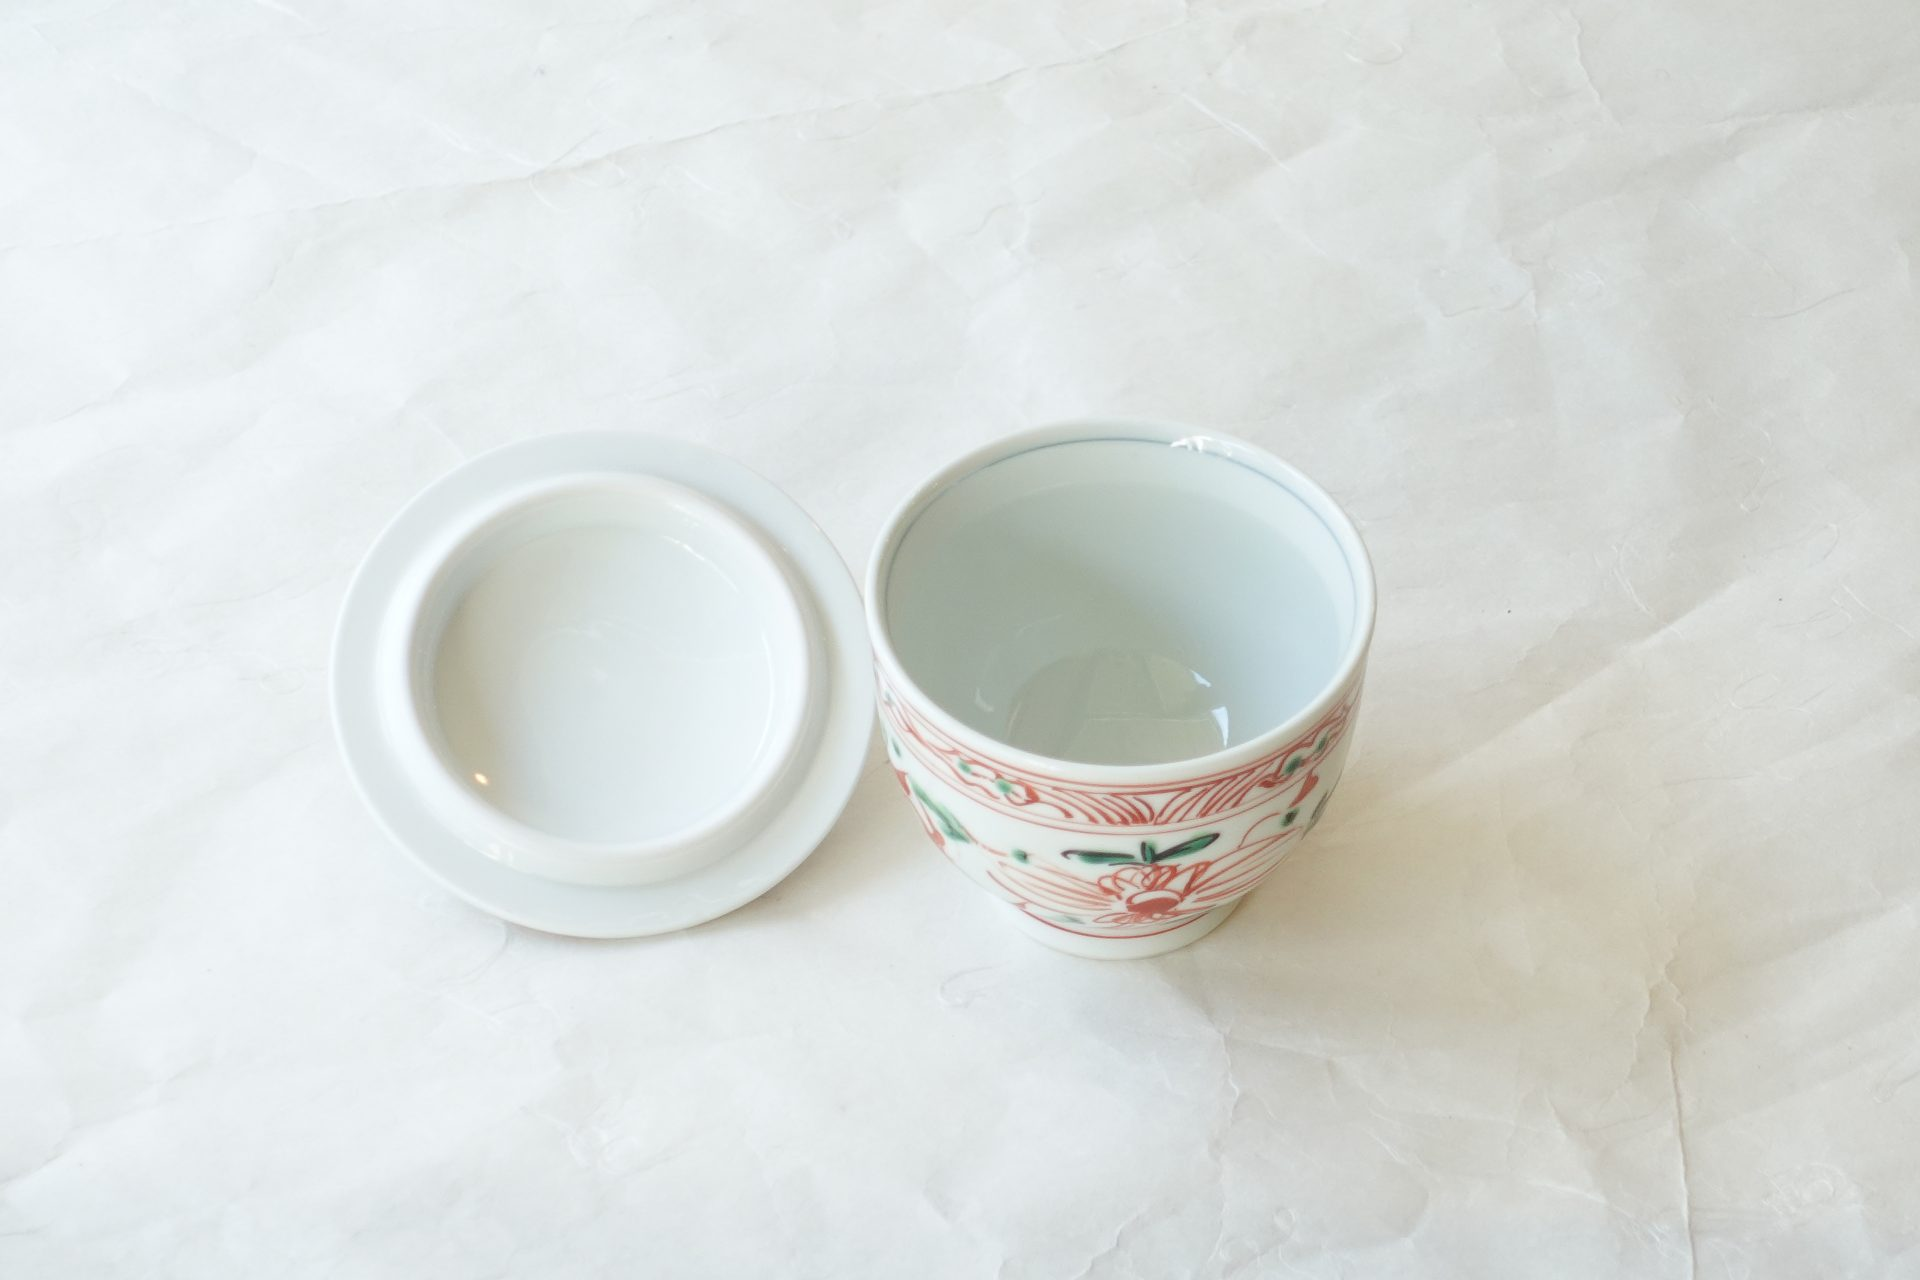 陶磁器 有田焼 赤絵 蓋付き湯呑  五客揃え 赤絵 手描き 技術 手間 白磁 緑釉 映える 普通の湯呑としても使える コンパクト リーズナブル 逸品